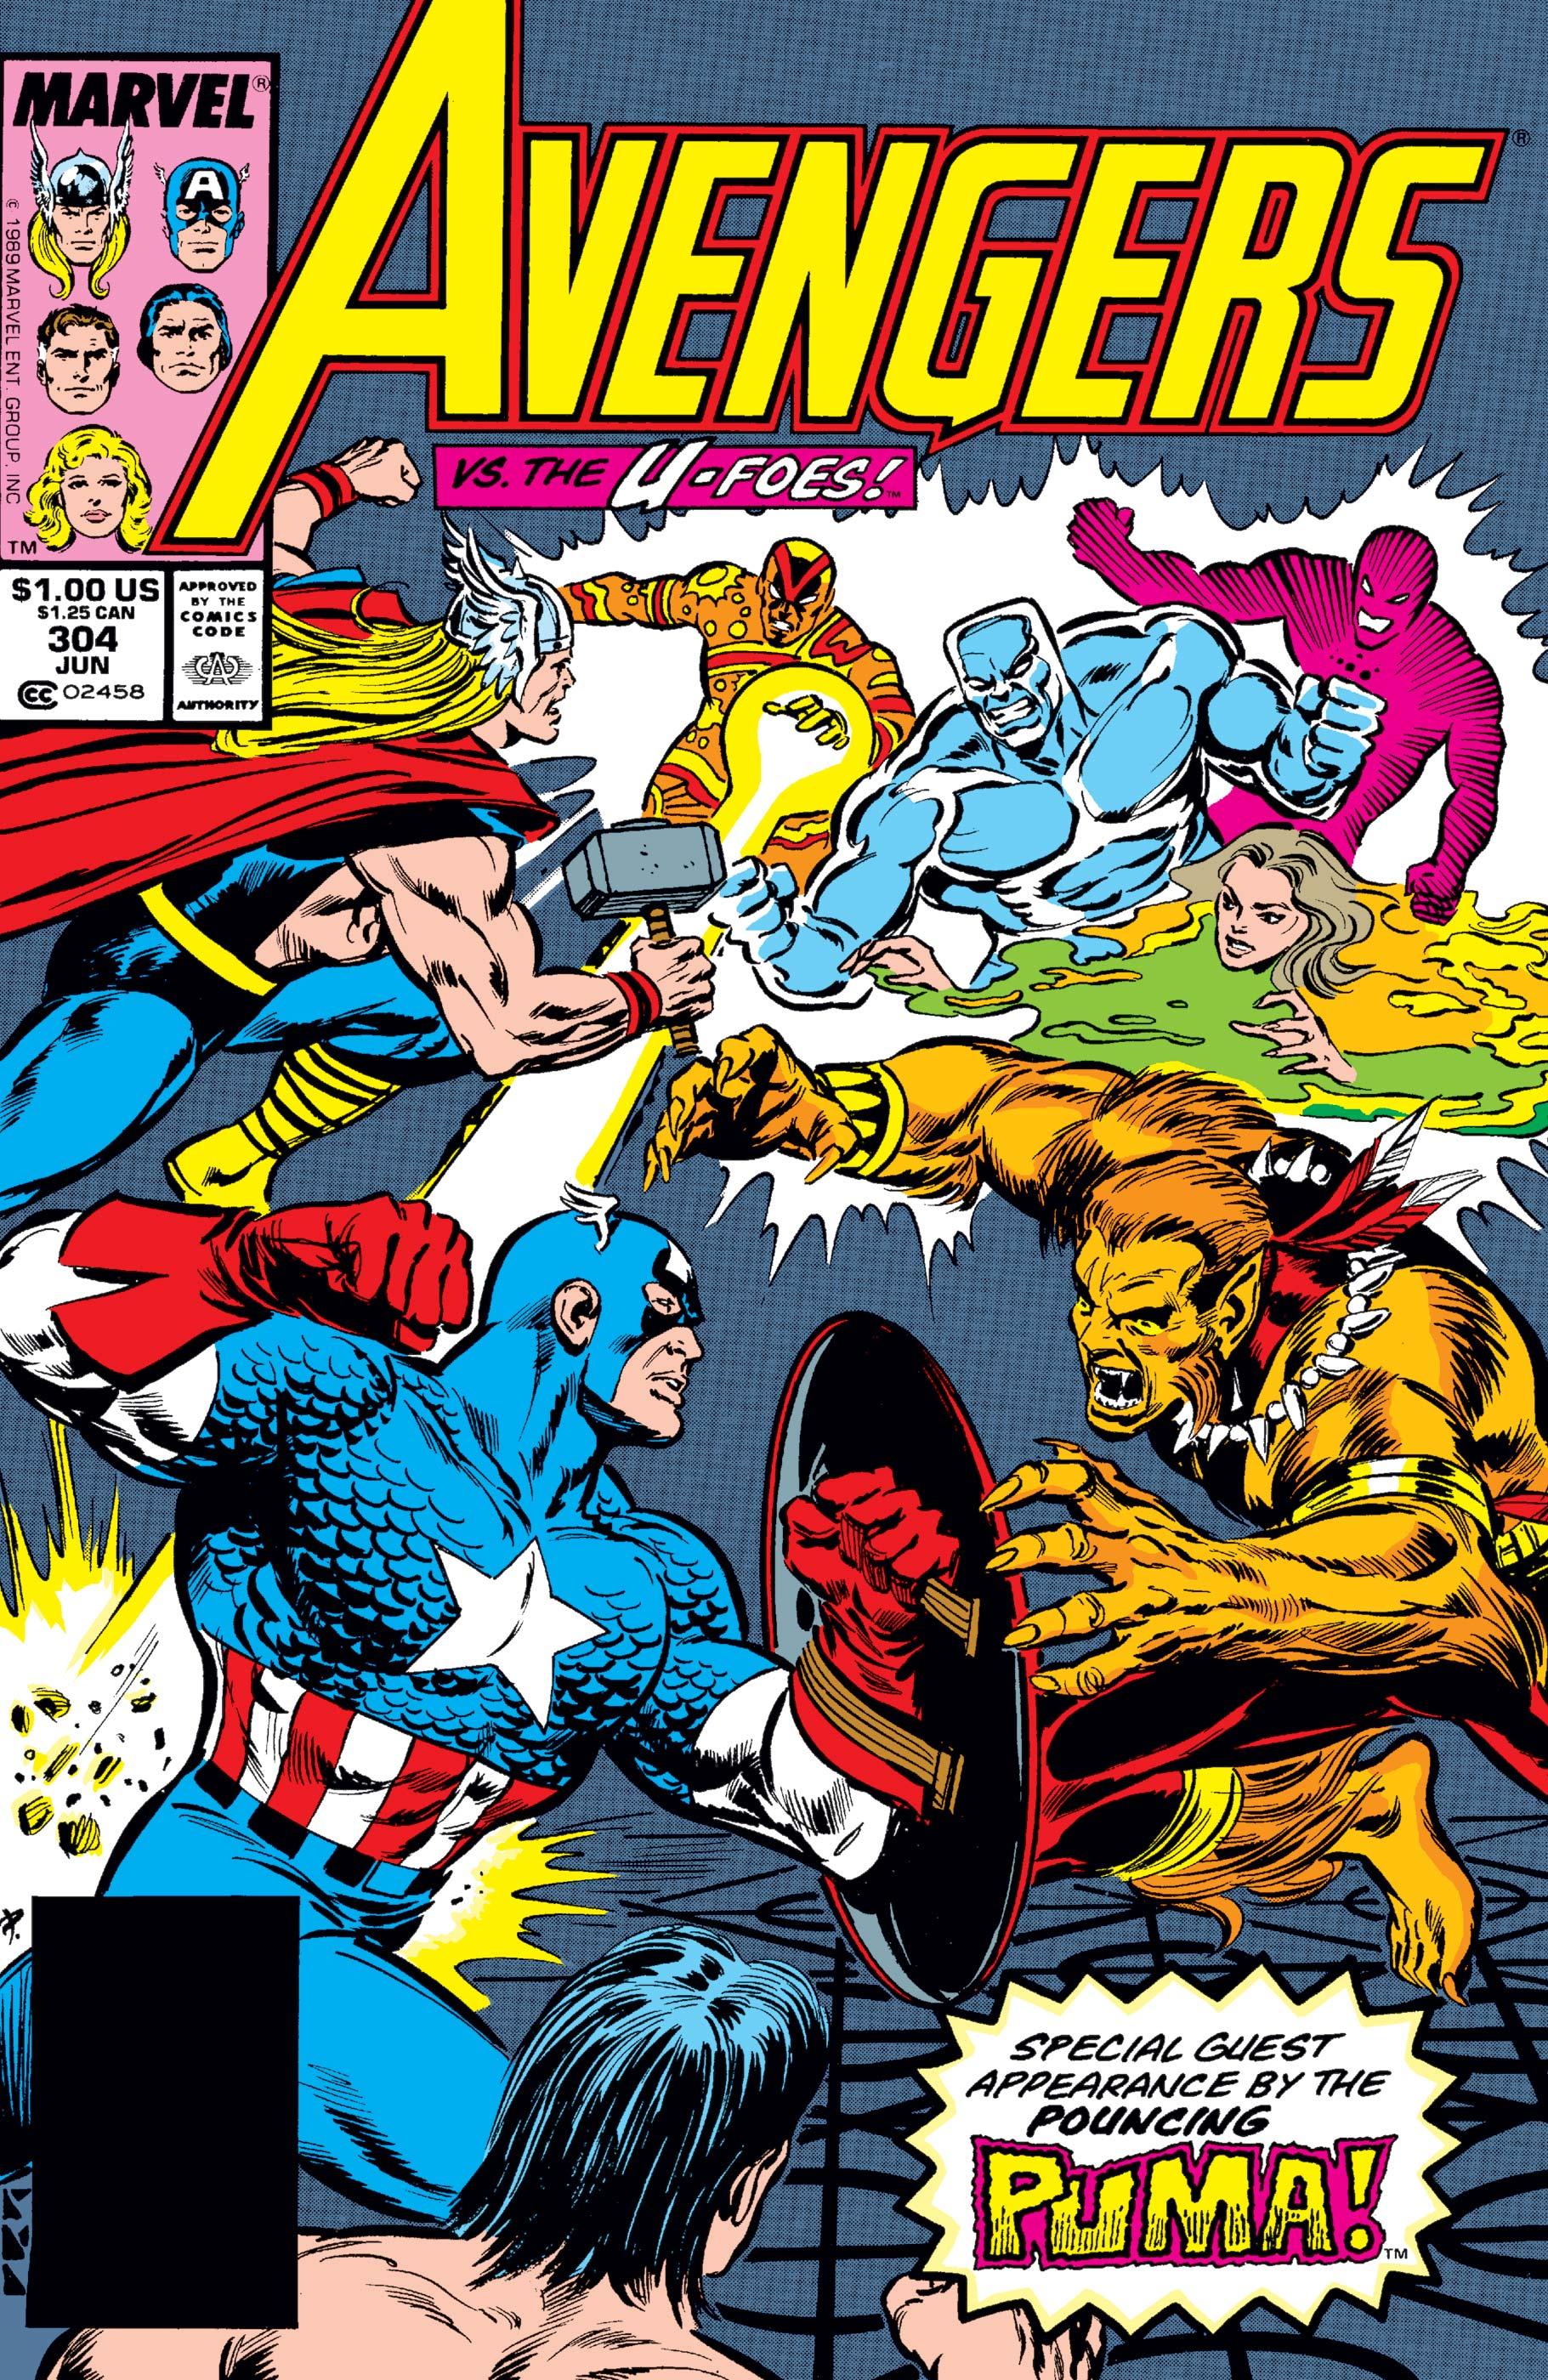 Avengers (1963) #304